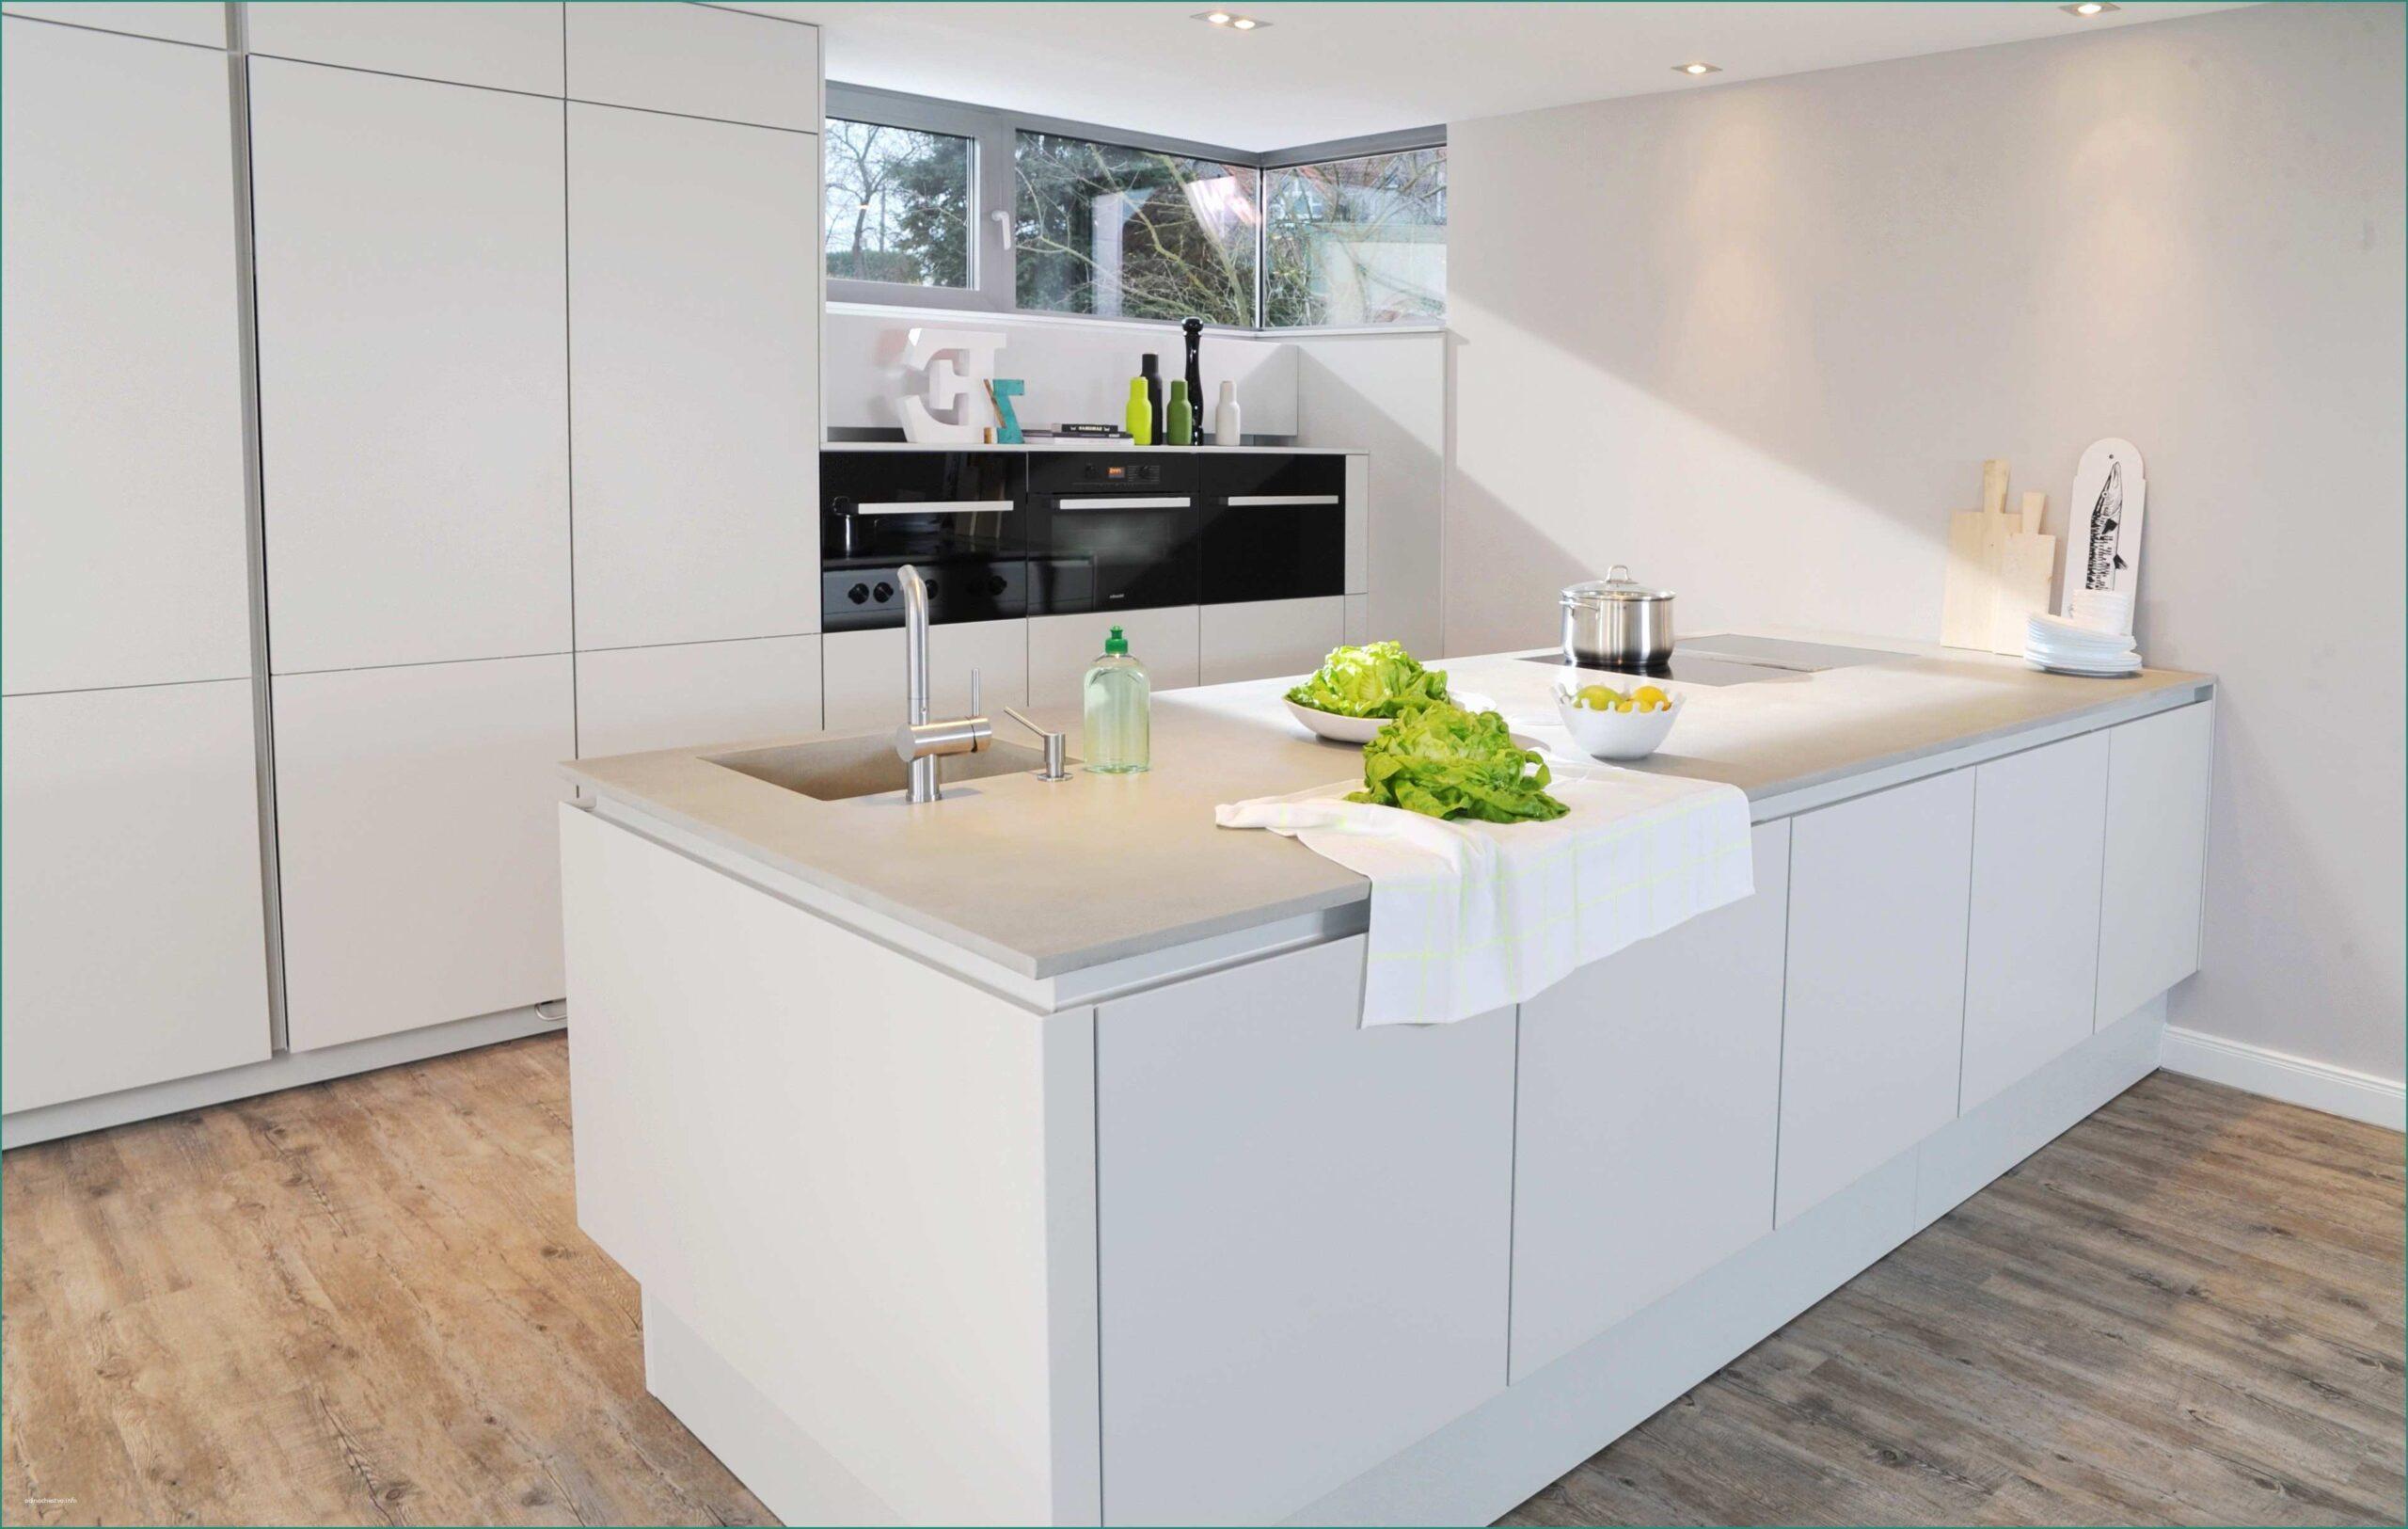 Full Size of Nobilia Preisliste Preise Kchen Und Fronten Einbauküche Küche Wohnzimmer Nobilia Preisliste